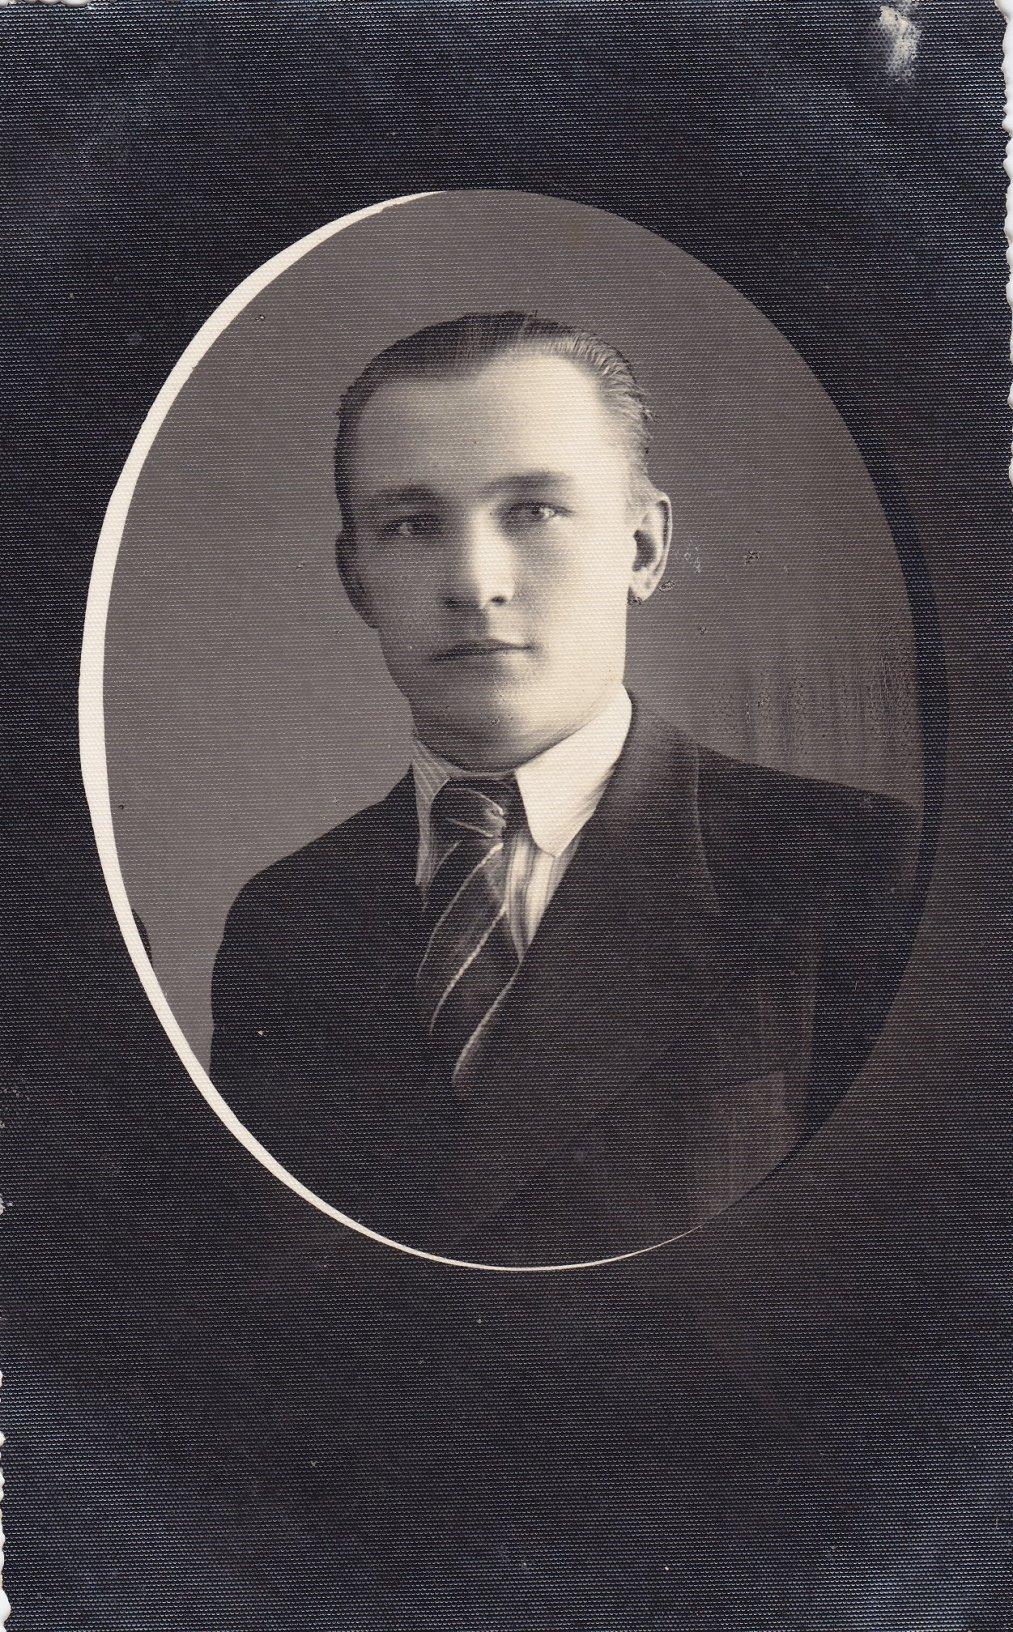 Profesoriaus, agronomo Petro Vasinausko brolis elektrikas Ignas Vasinauskas. 1935 m.